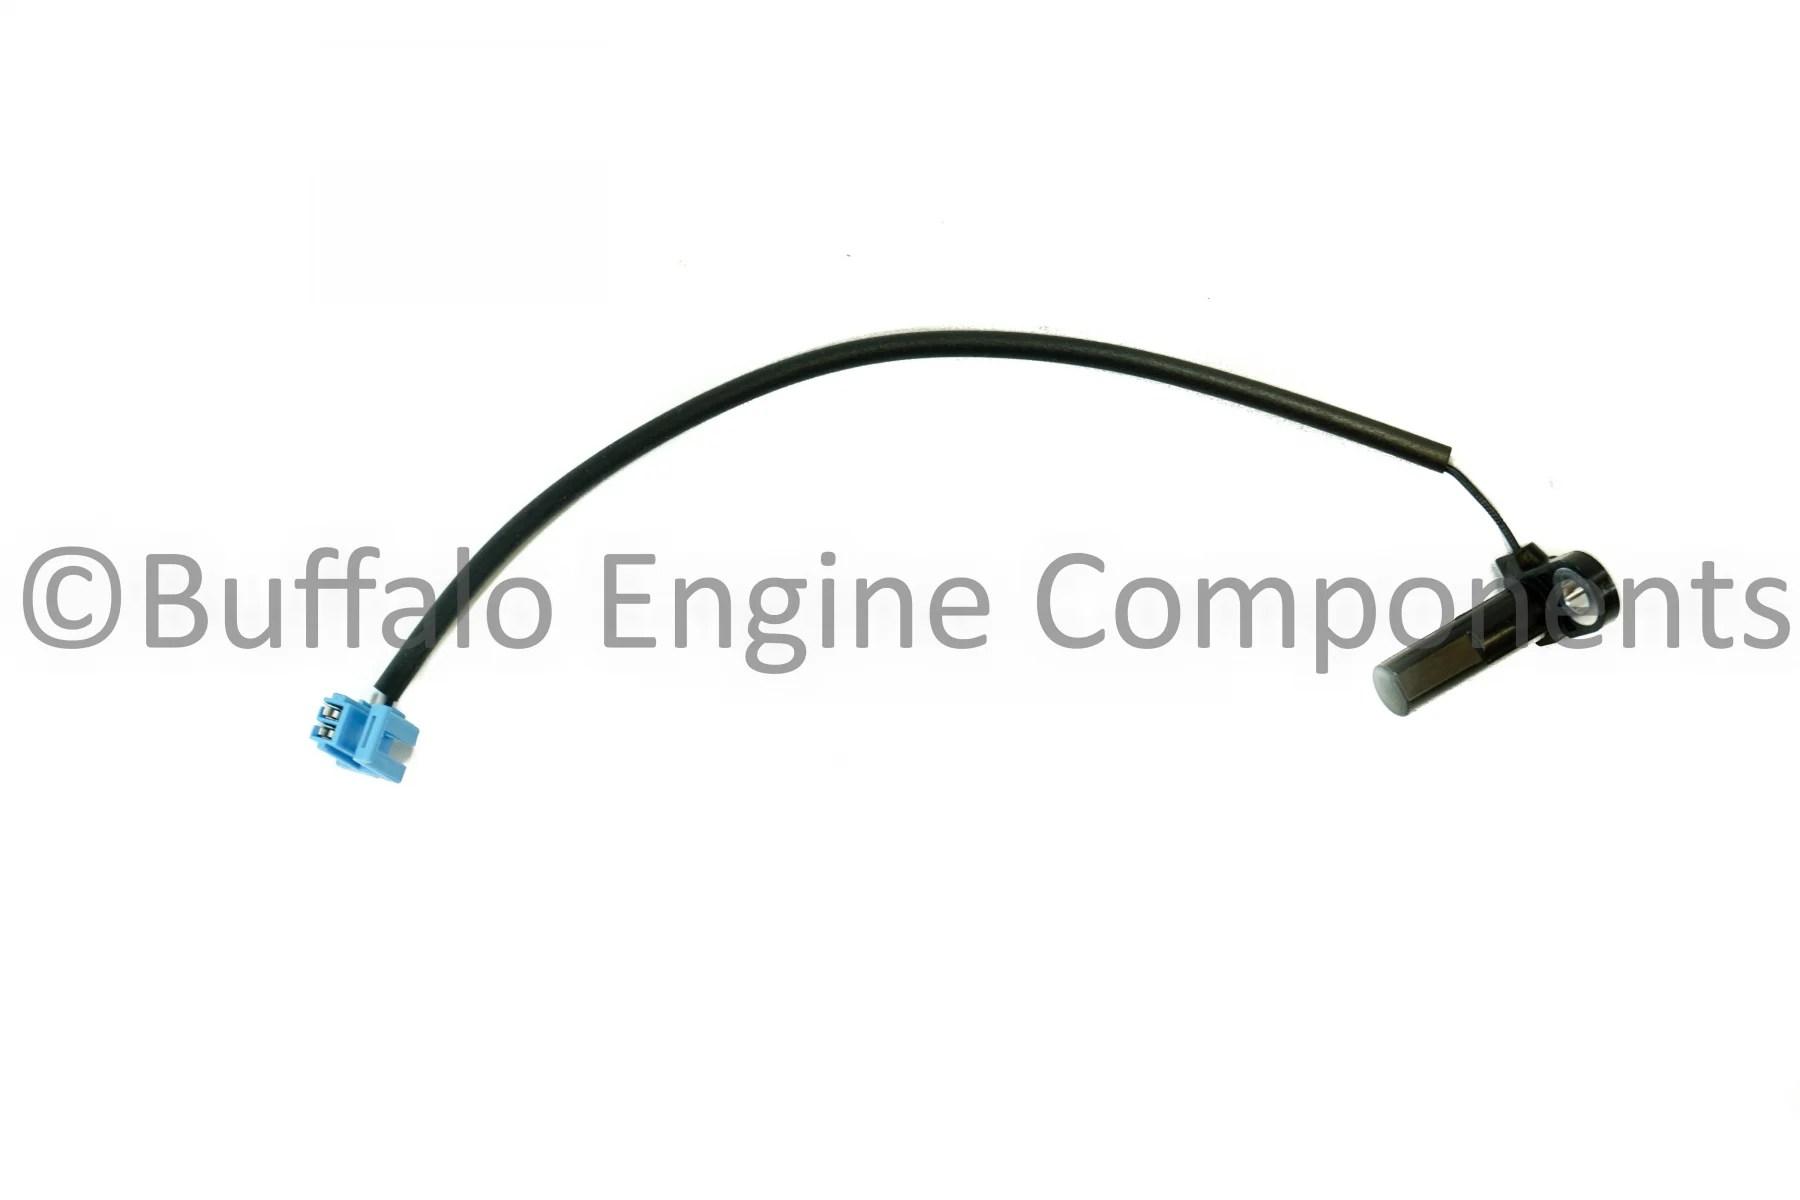 ... 550 wiring diagram , 2002 jeep wrangler wiring schematic , danfoss wiring  diagram vlt aqua , voltage converter wiring diagram powerformer 216 1141 000  ...